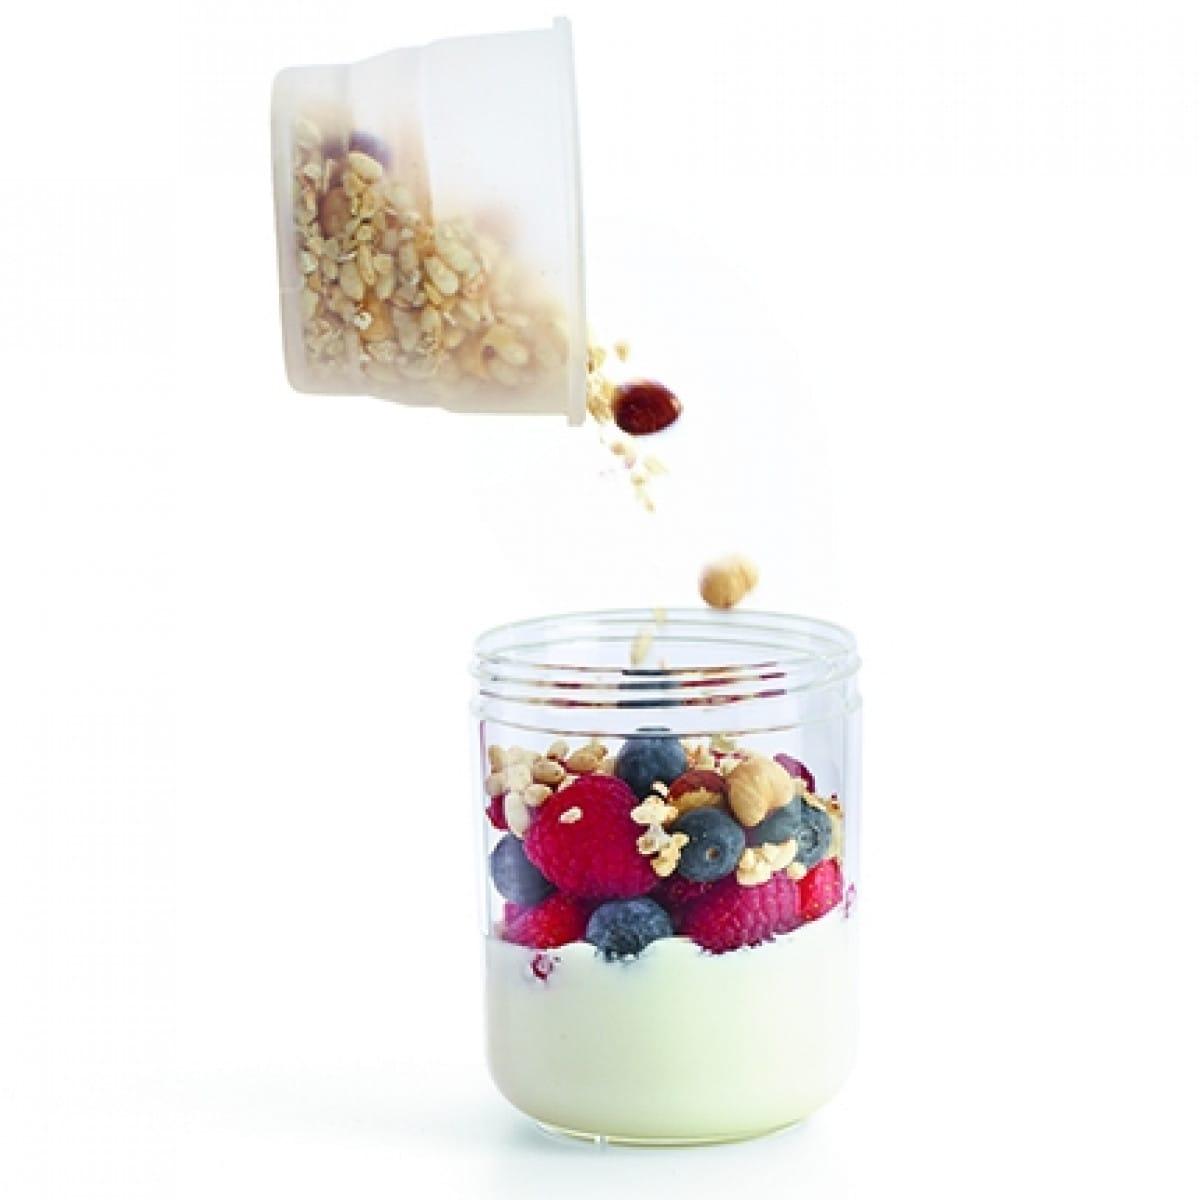 Lékué Boîte de transport hermétique (400 ml) en plastique rempli de yaourt, de fruits et de céréales 2